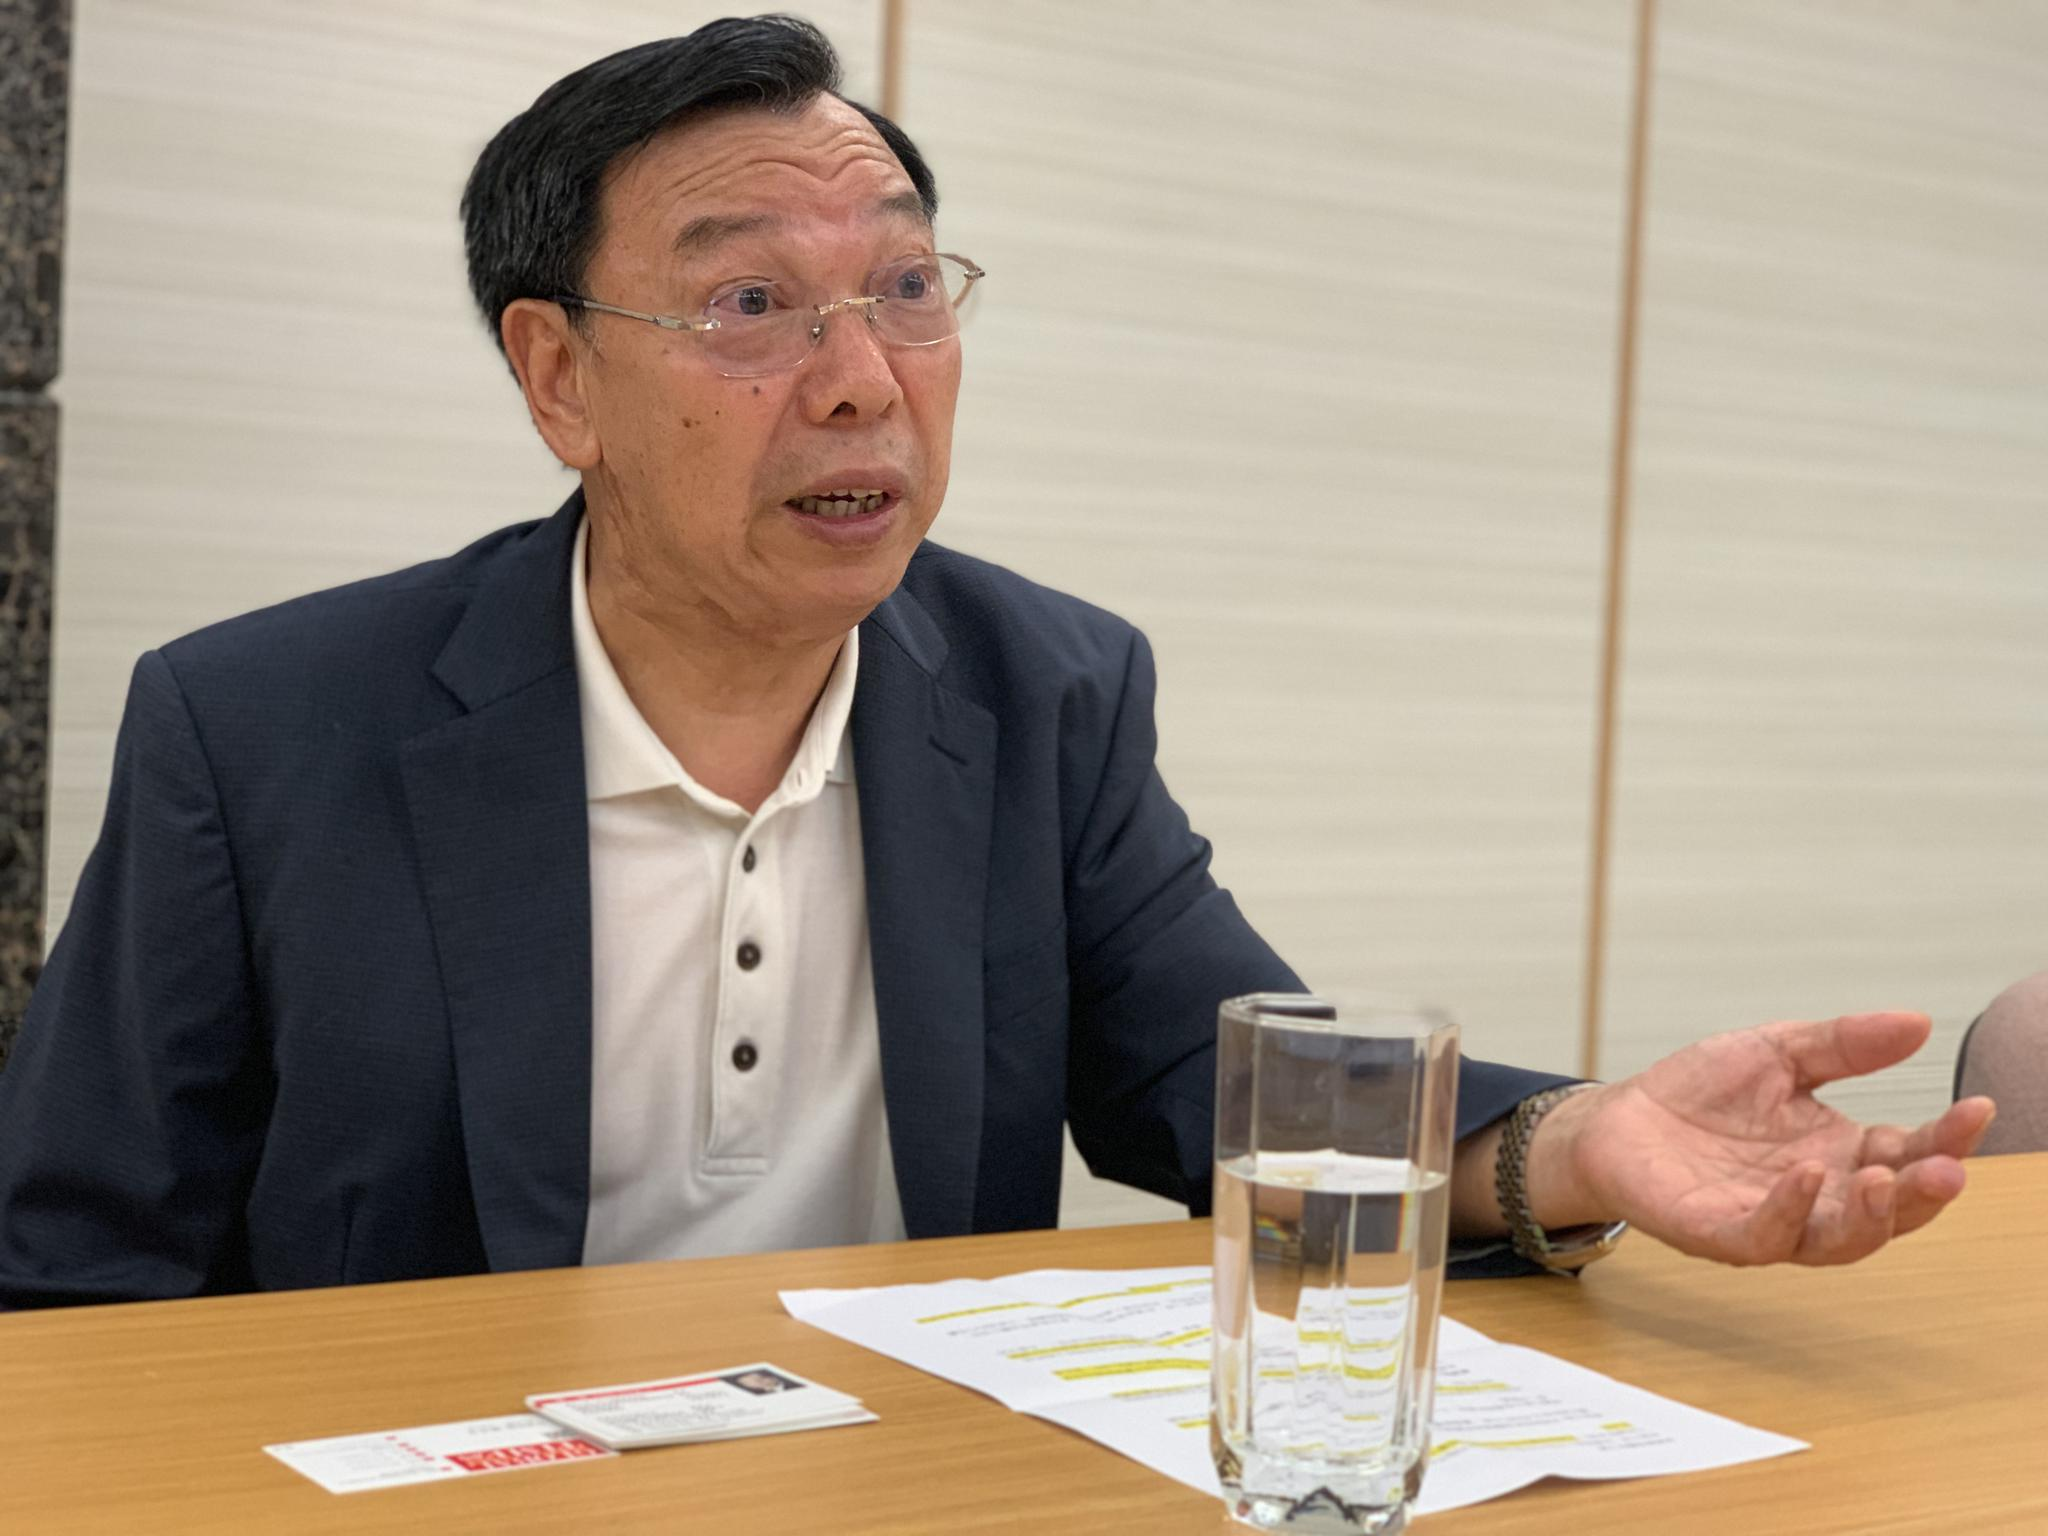 香港商界痛斥暴力示威:冲击很大 经济已伤到筋骨|示威|暴力